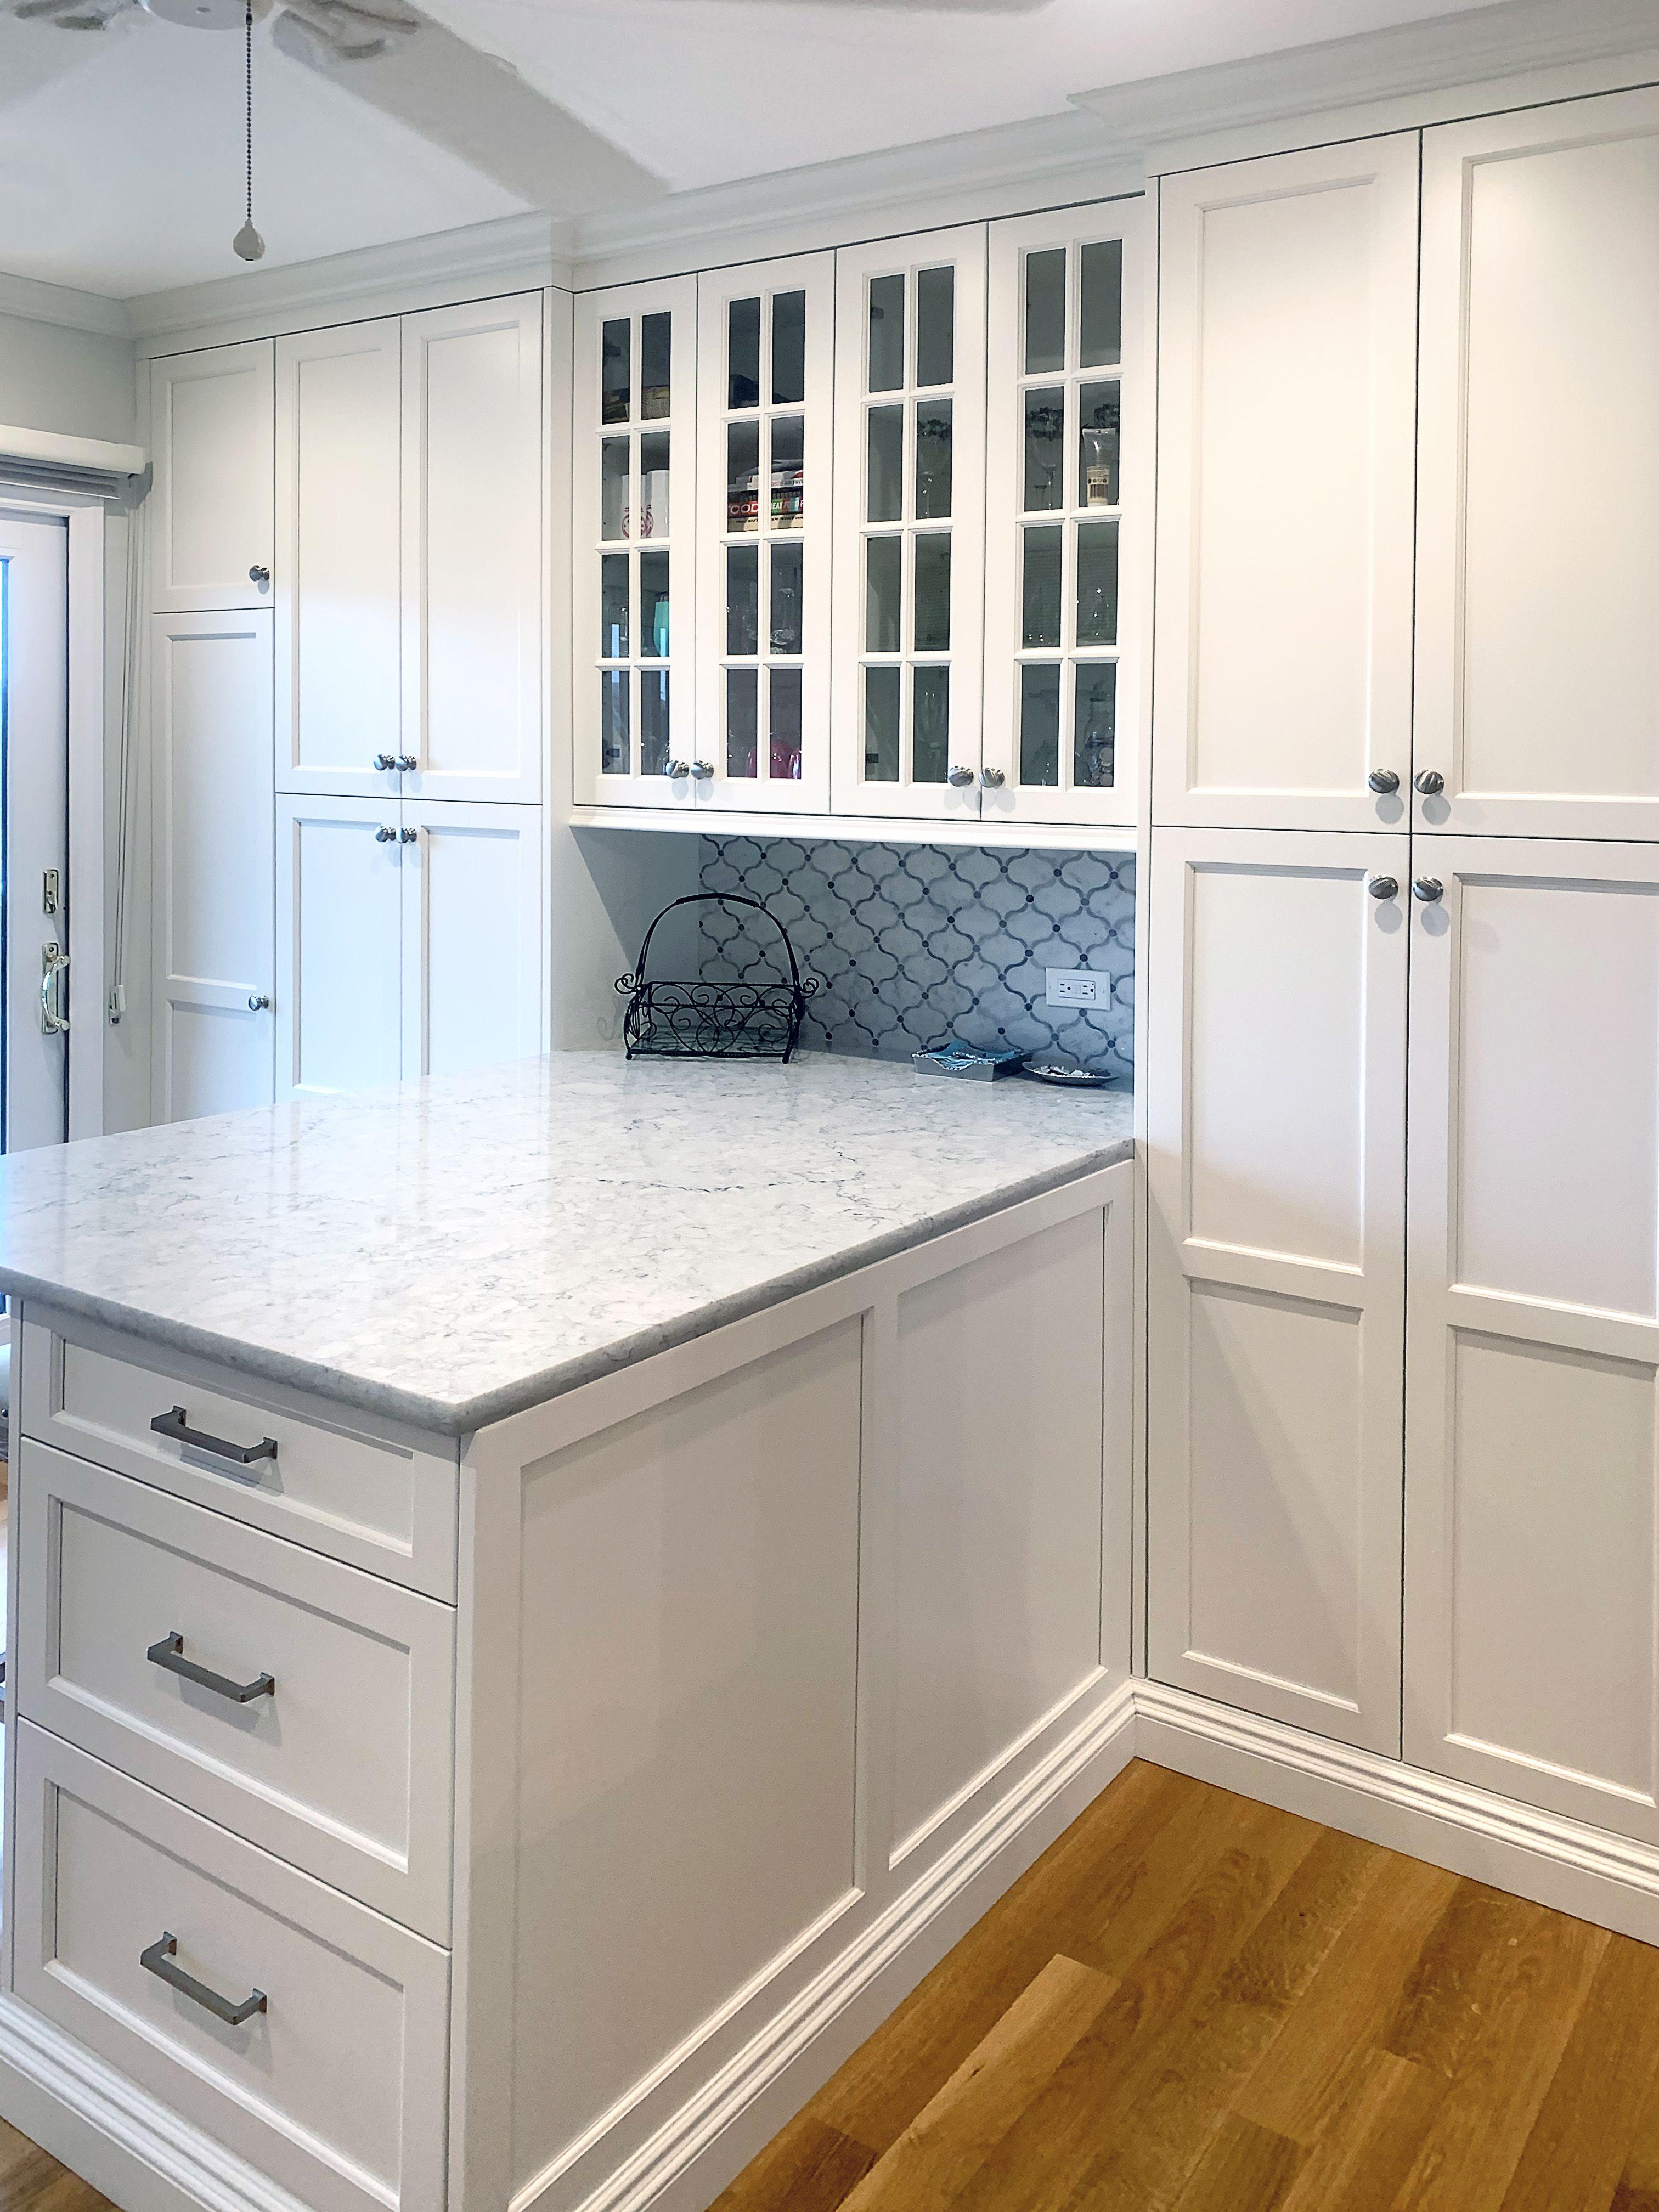 White Kitchen With Peninsula In 2020 White Kitchen Pantry Cabinet Tall Kitchen Cabinets White Kitchen Pantry